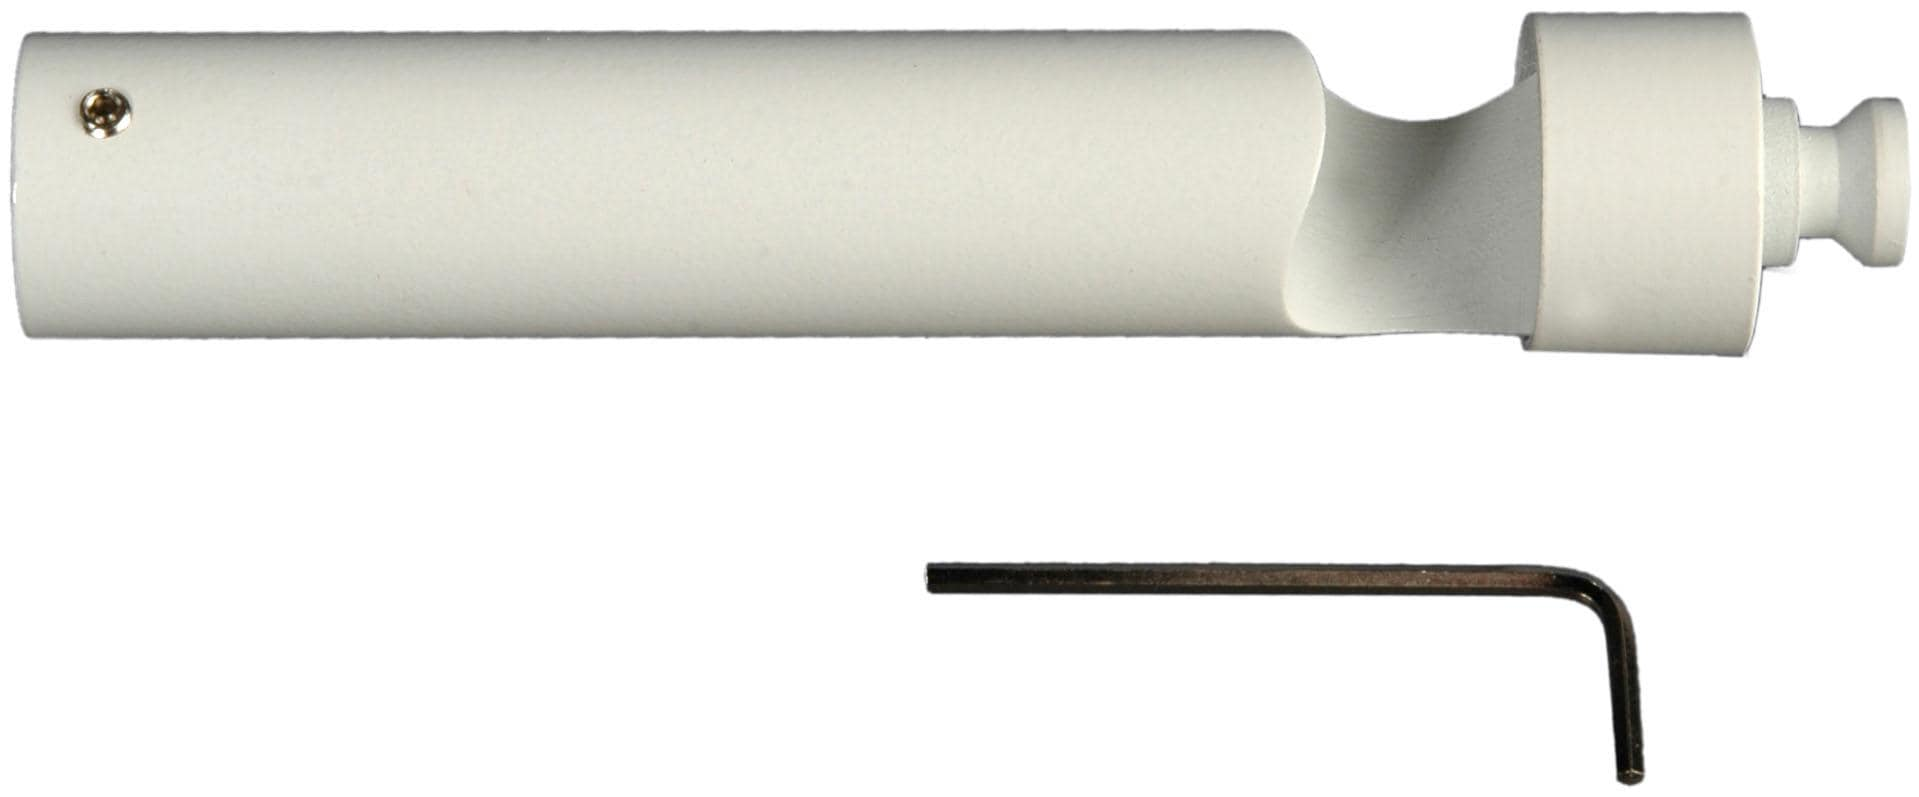 Doppelträger Verlängerung Liedeco Für Gardinenstange ø 20 Mm 1 Stück